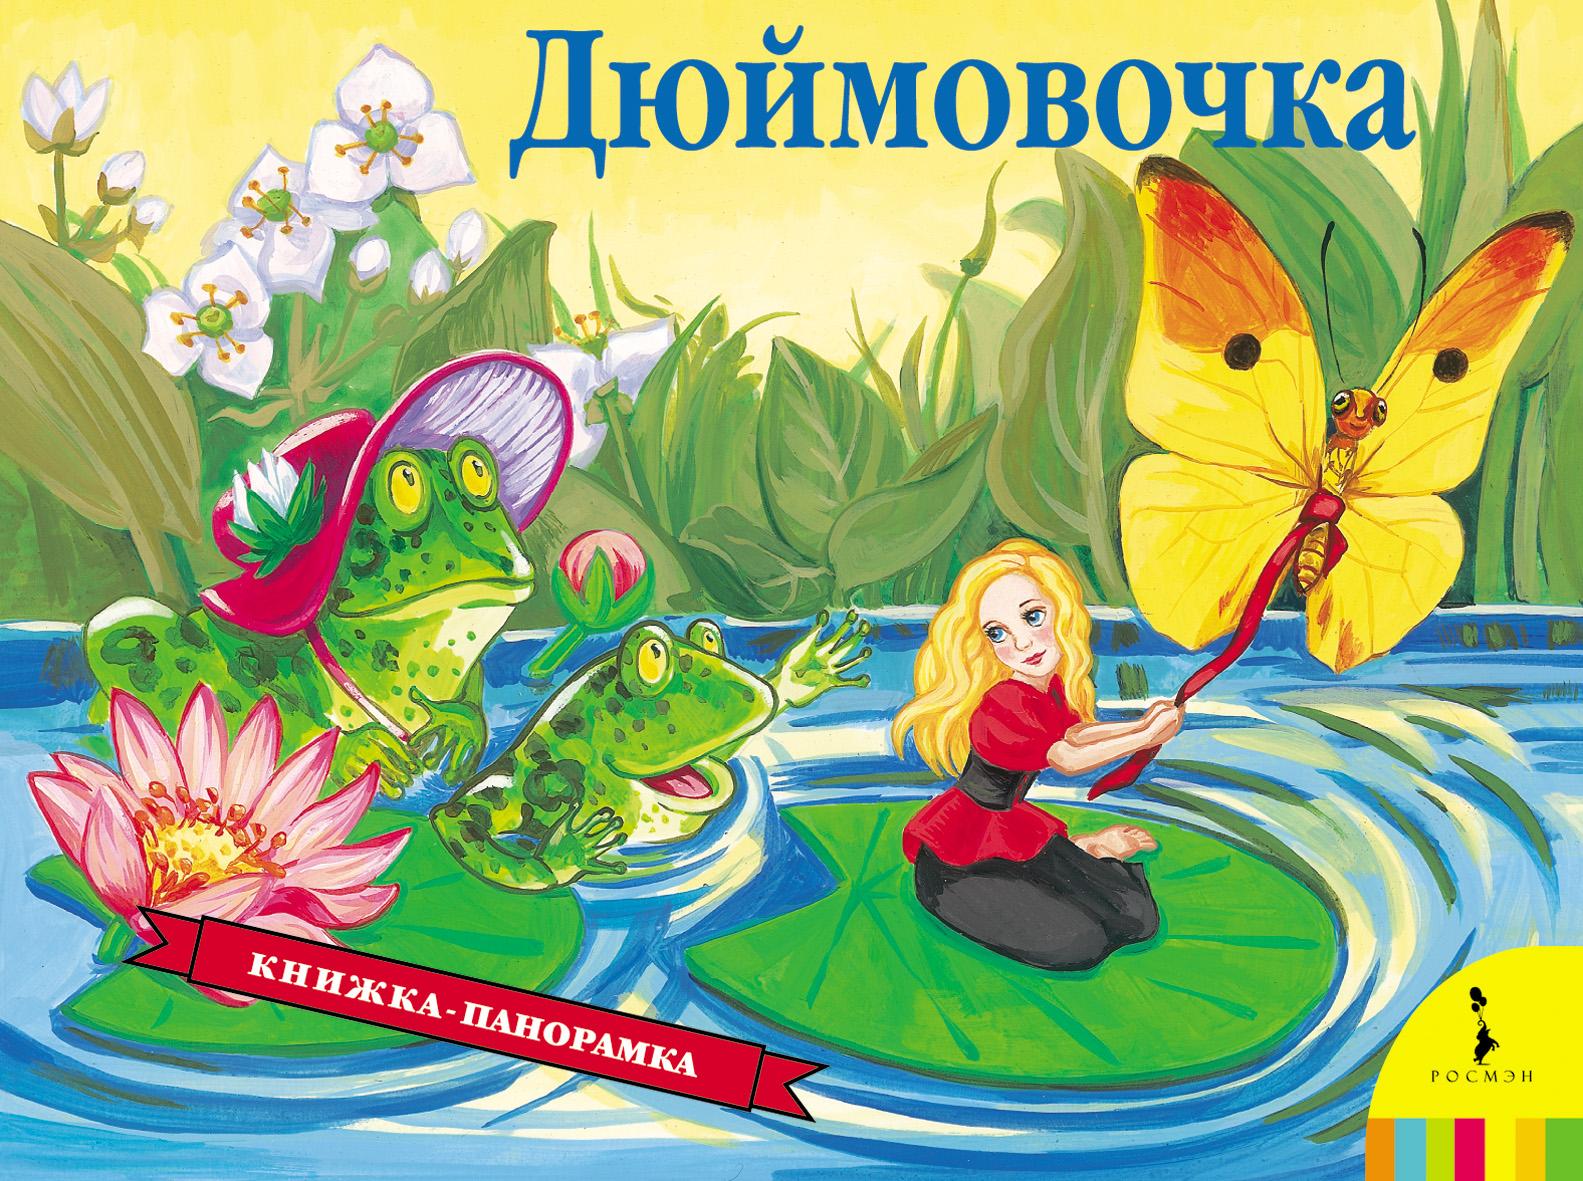 Книга с панорамными изображениями «Дюймовочка»Книги-панорамы<br>Книга с панорамными изображениями «Дюймовочка»<br>